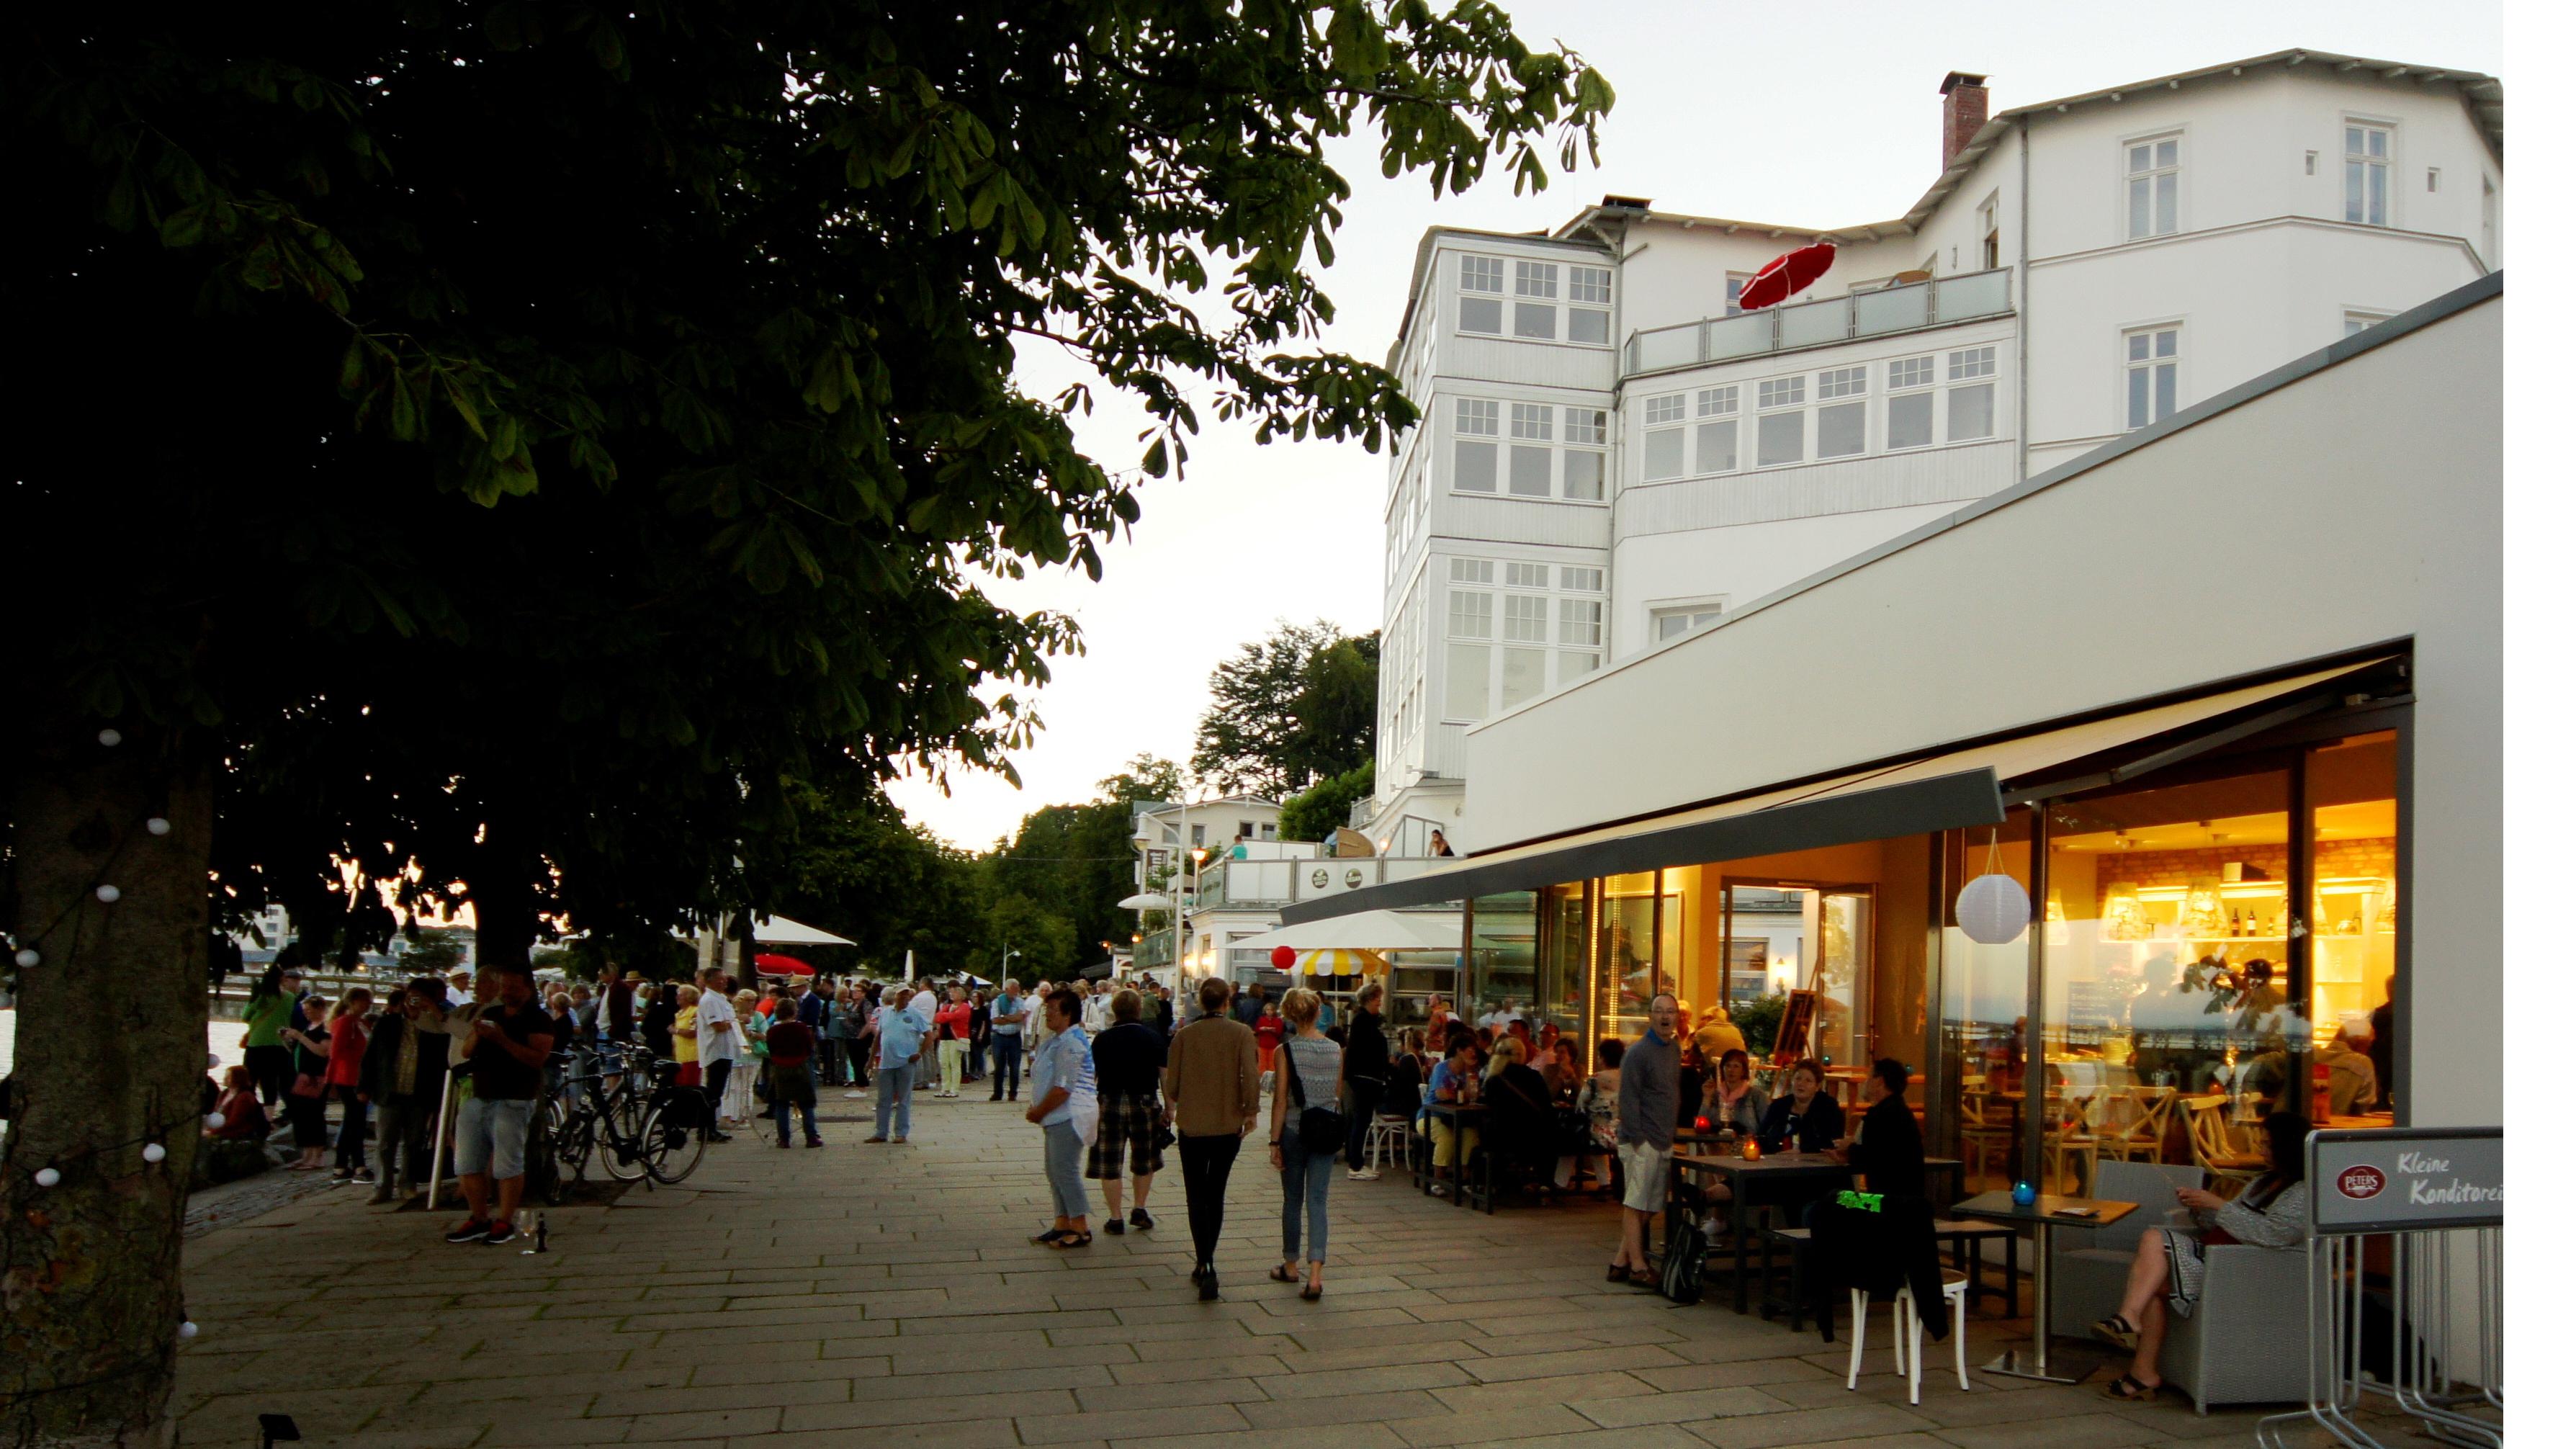 Logenplatz mit Meerblick: Unsere Kleine Konditorei an der Sassnitzer Strandpromenade